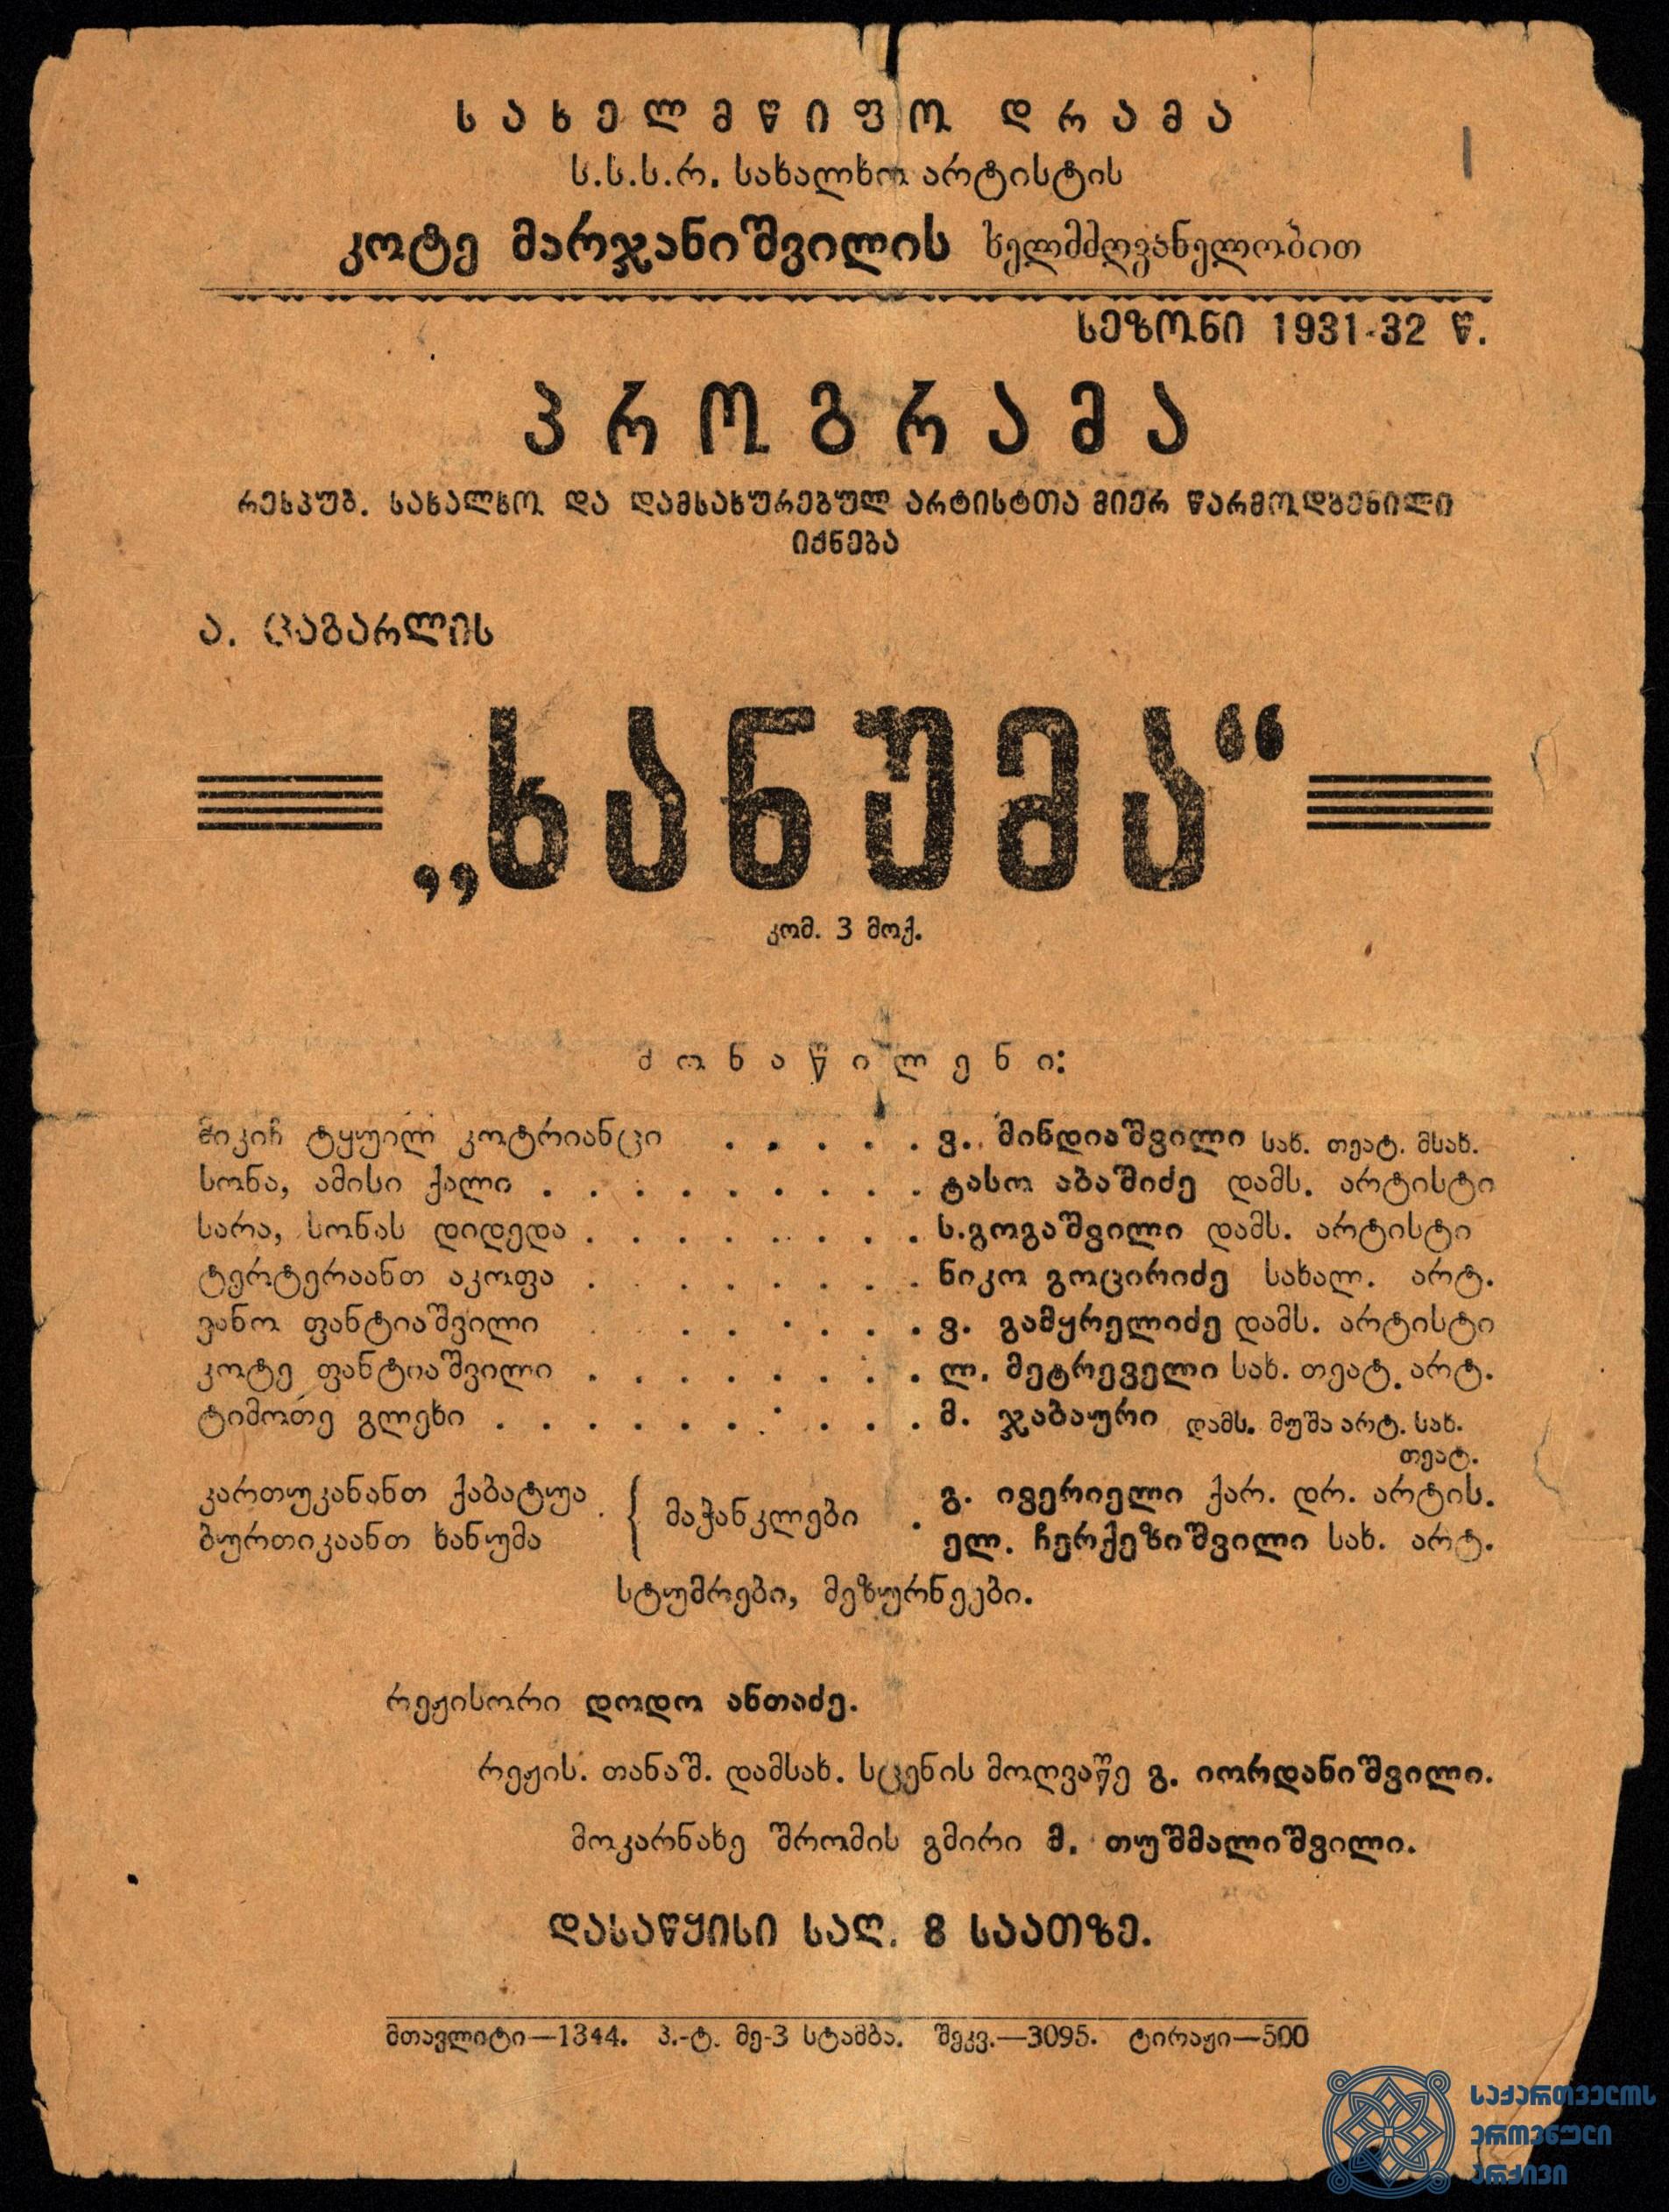 """რესპუბლიკის სახალხო და დამსახურებულ არტისტთა მიერ წარმოდგენილი კომედია """"ხანუმა"""".<br> სეზონი 1931-1932.<br> The comedy """"Khanuma"""" presented by the People's and Honored Artists of the Republic.<br> Season 1931-1932."""